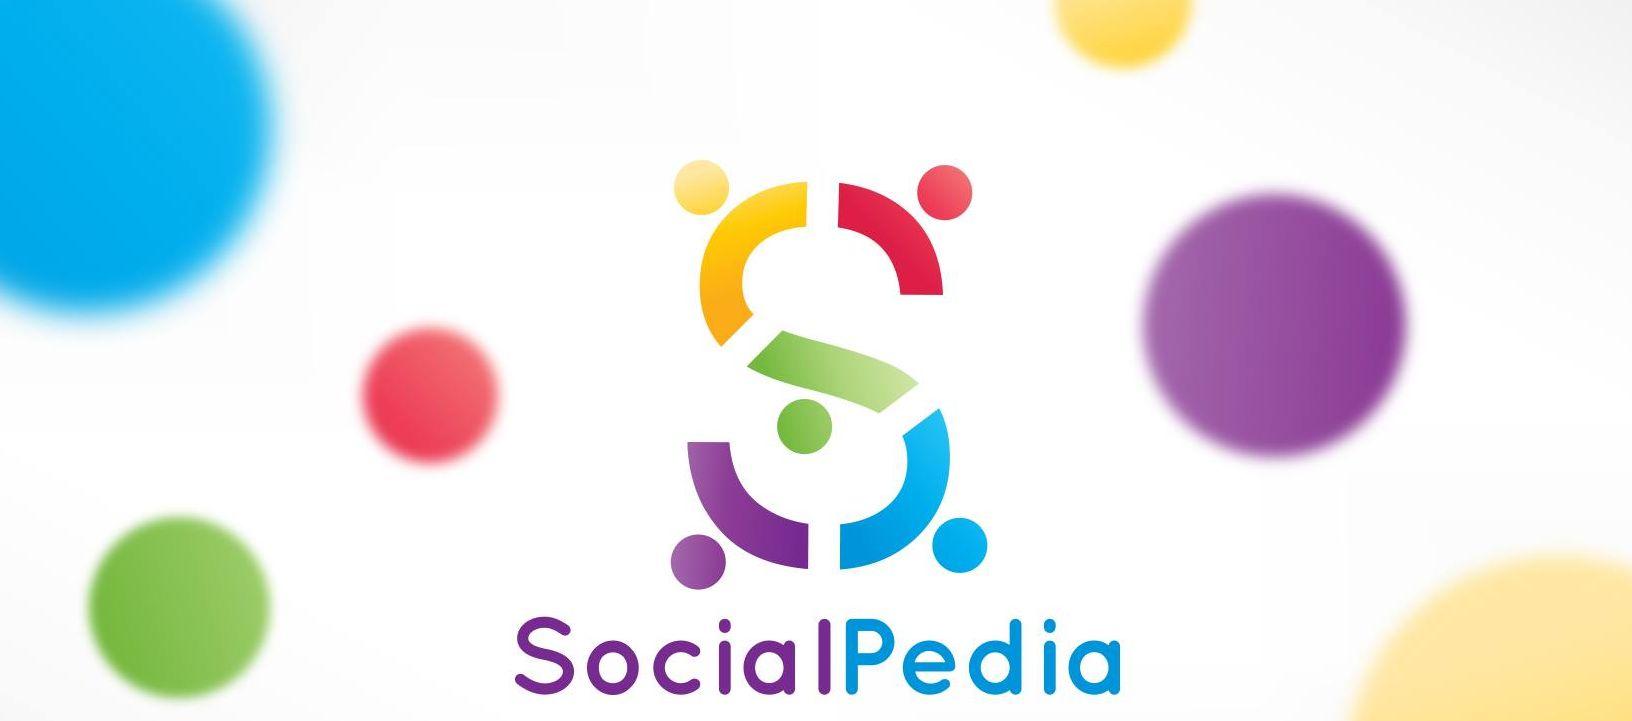 #SocialPedia – Resurse social media (33)